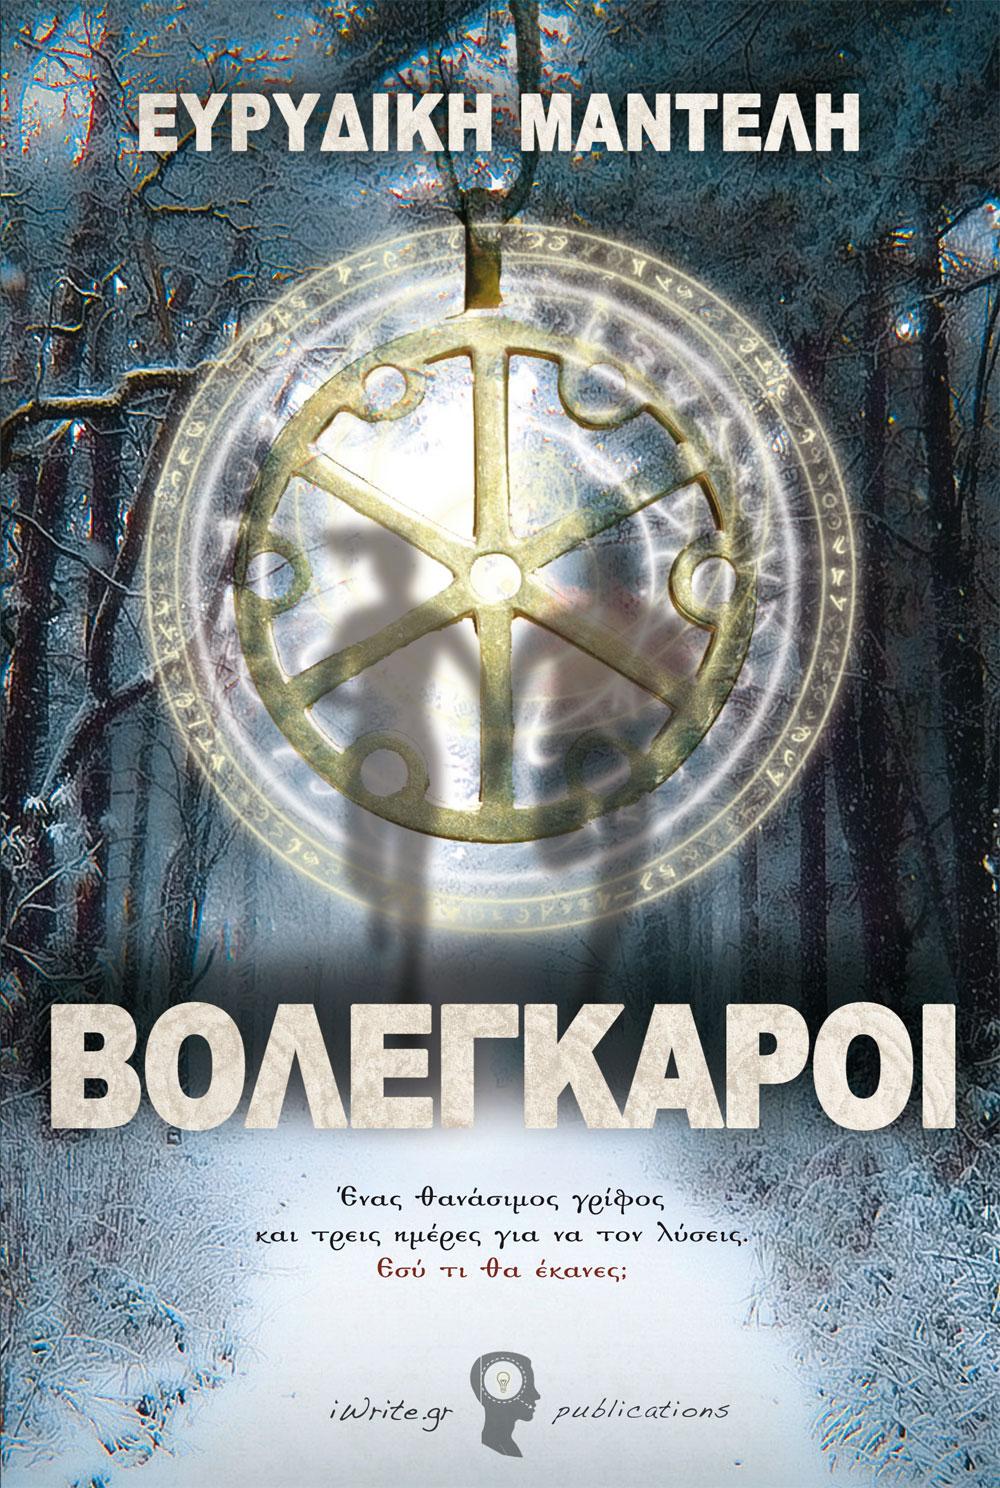 Εξώφυλλο, Βολέγκαροι, Εκδόσεις iWrite